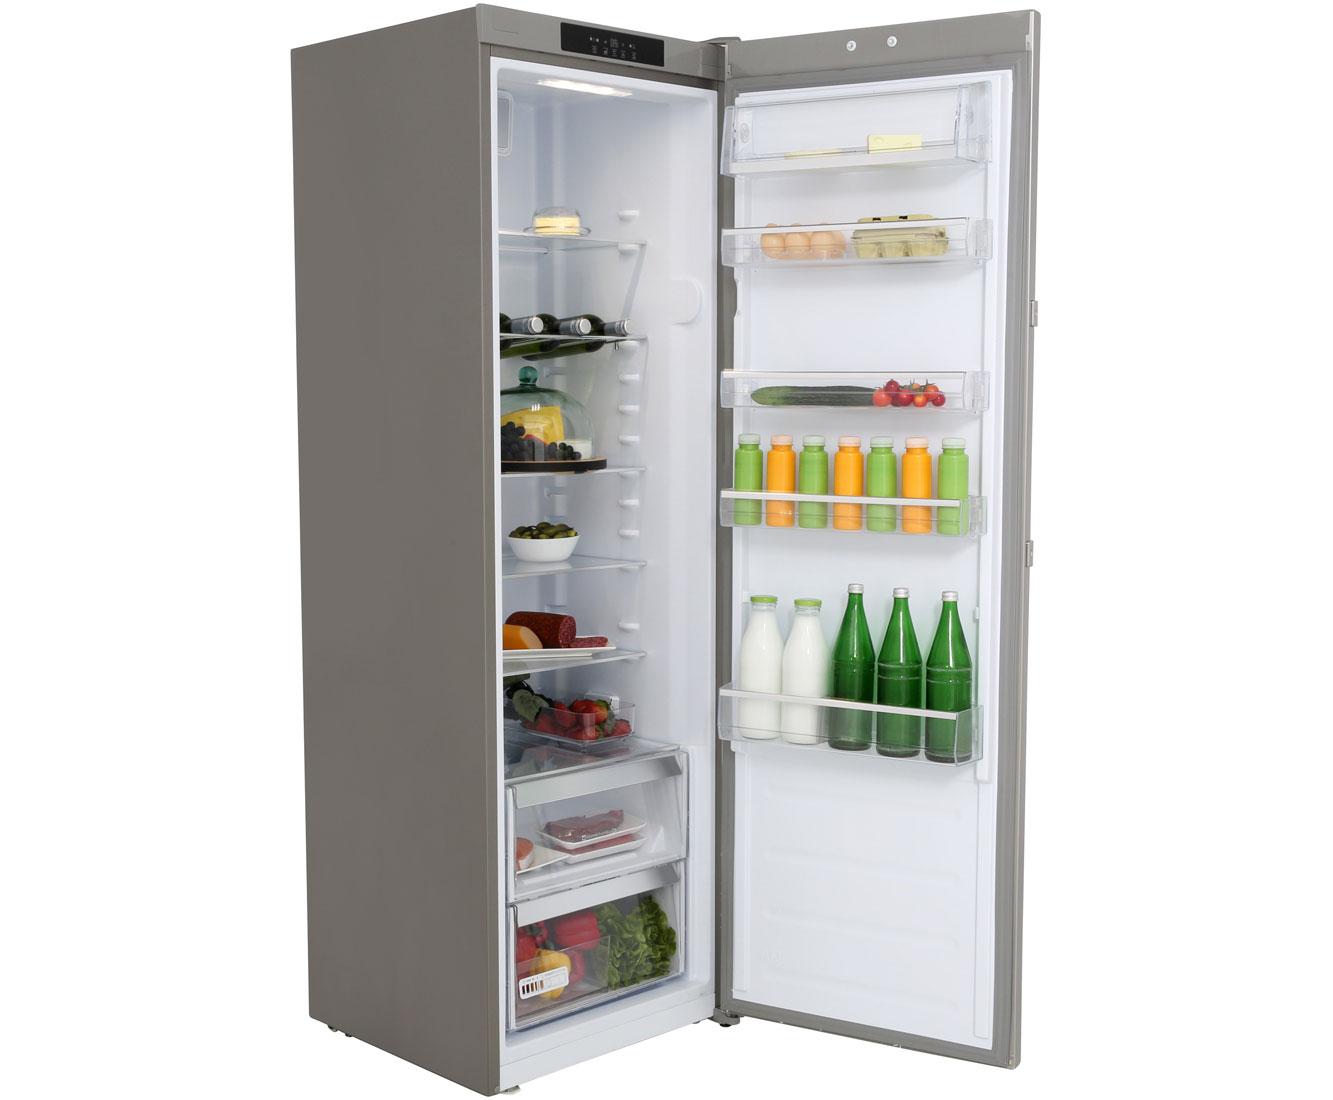 Aeg Kühlschrank Freistehend : Aeg kühlschrank edelstahl freistehend aeg kühlschrank edelstahl